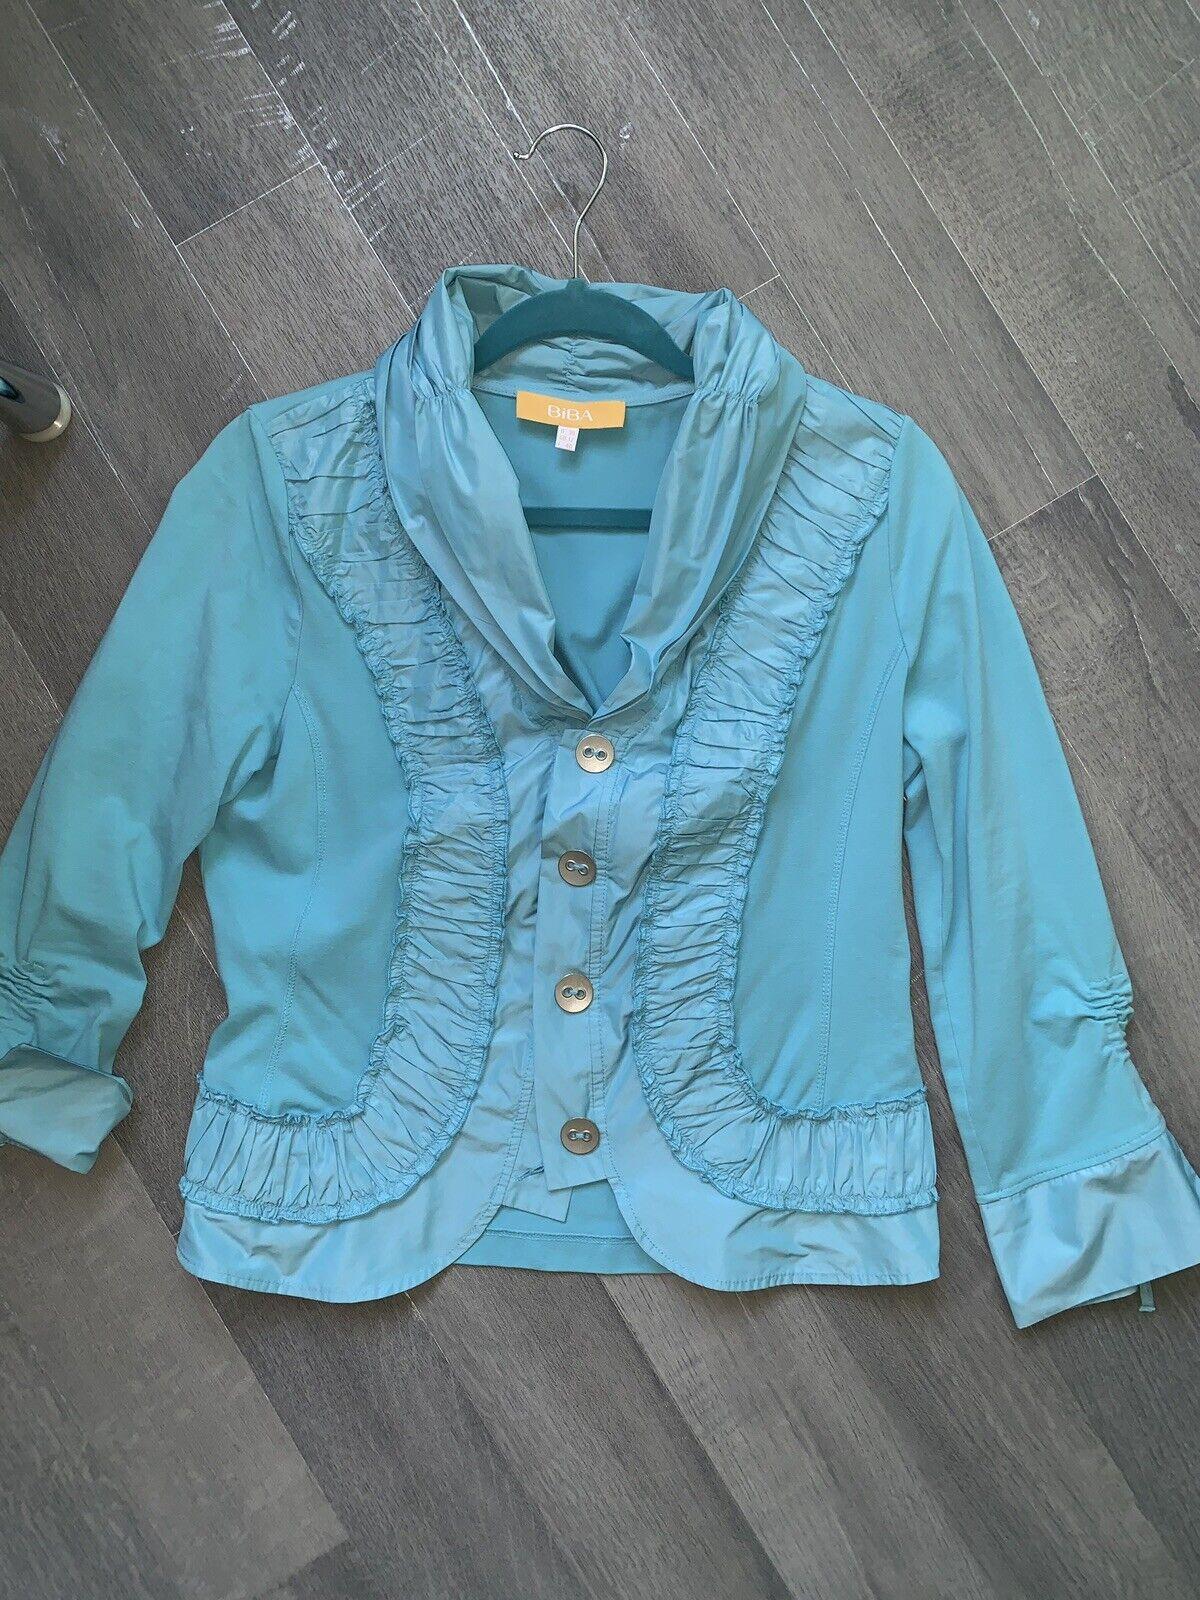 BiBA Jacke  In Blau 38 von Biba 92% Baumwolle Aktuell